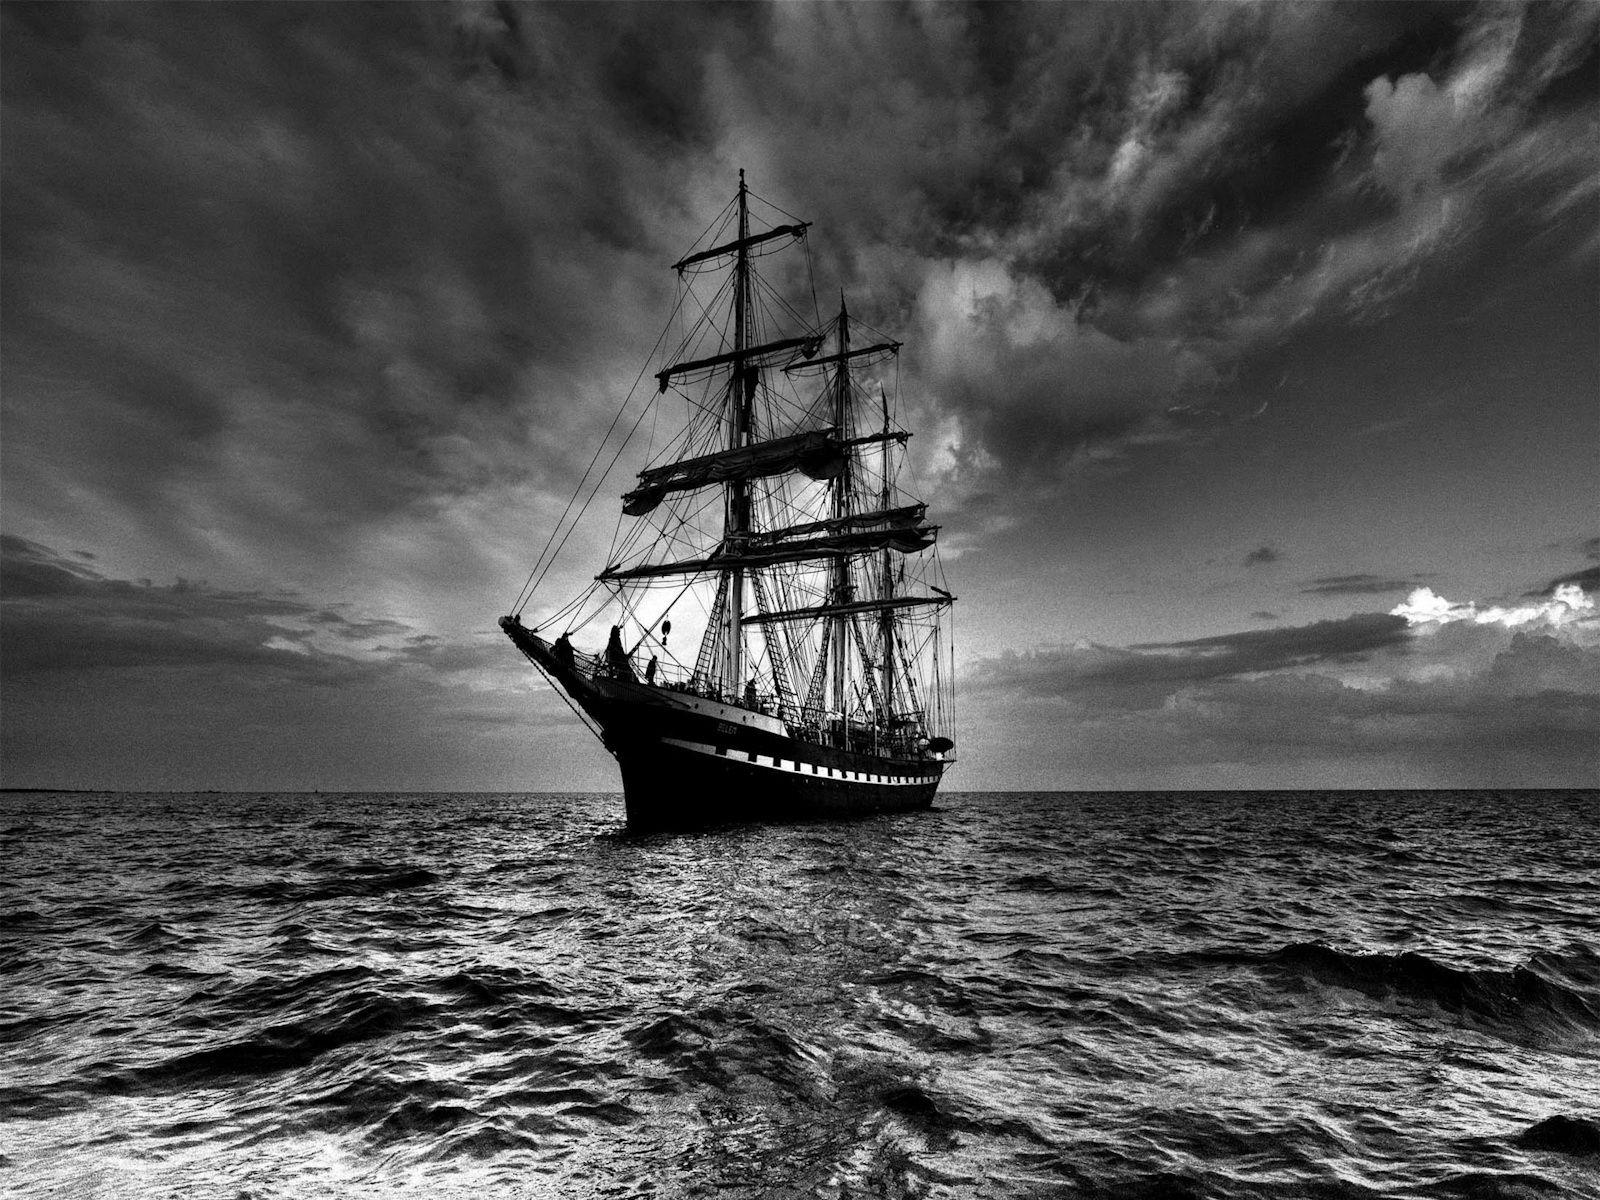 Sets Sail With Images Sailing Ships Old Sailing Ships Sailing